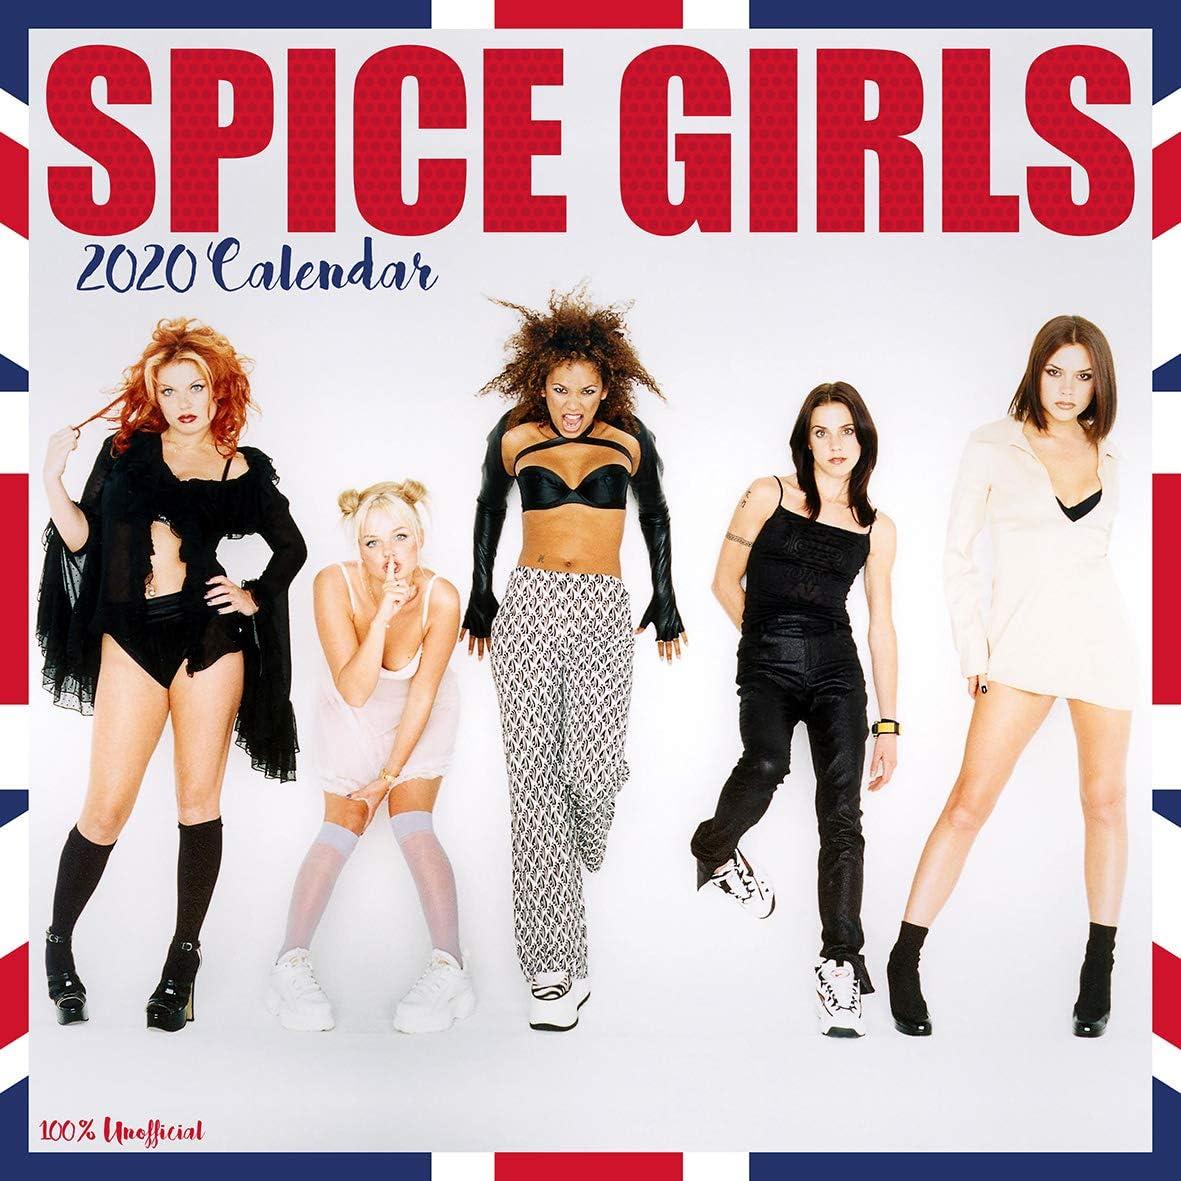 The Spice Girls 2020 - Calendario de pared de 12 x 12 cm, cuadrado, con póster de regalo de cumpleaños o Navidad